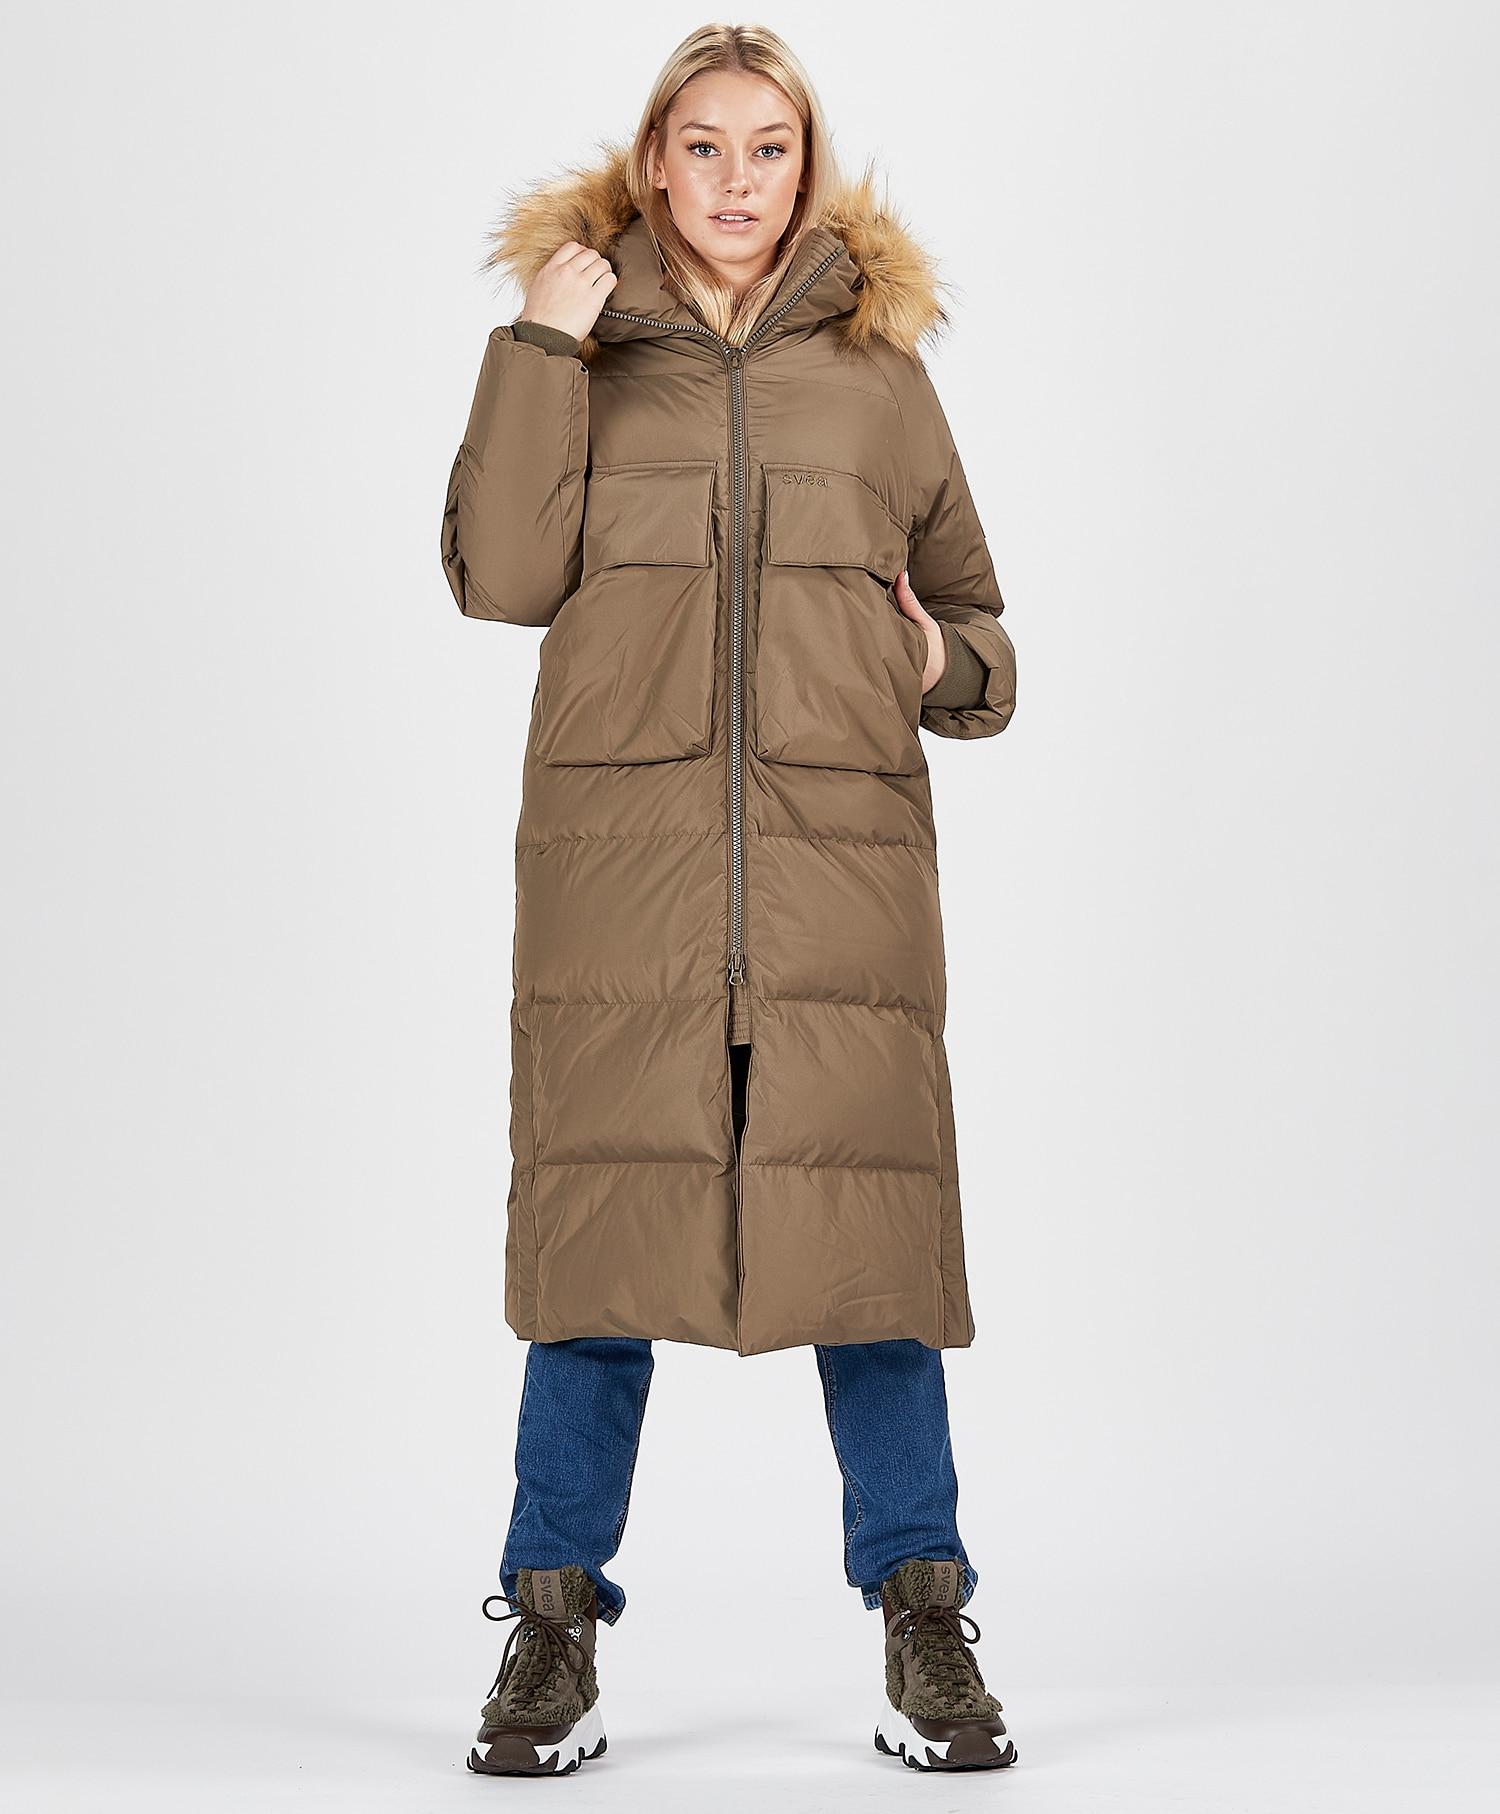 Svea W. Loose Fur Hood